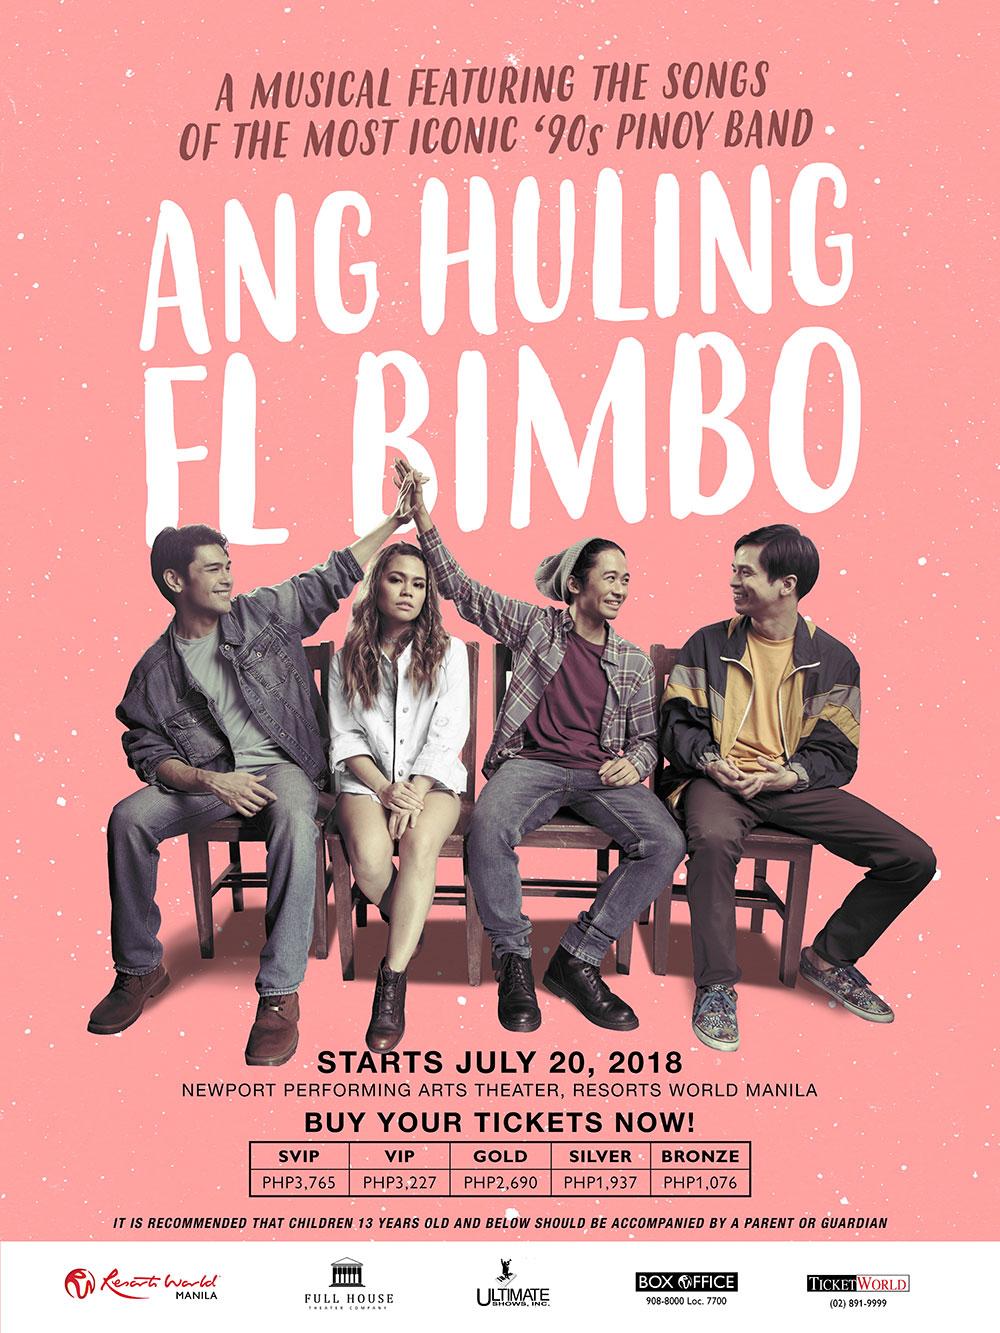 90s Hit 'Ang Huling El Bimbo' Now a Musical (Jul-Aug 2018